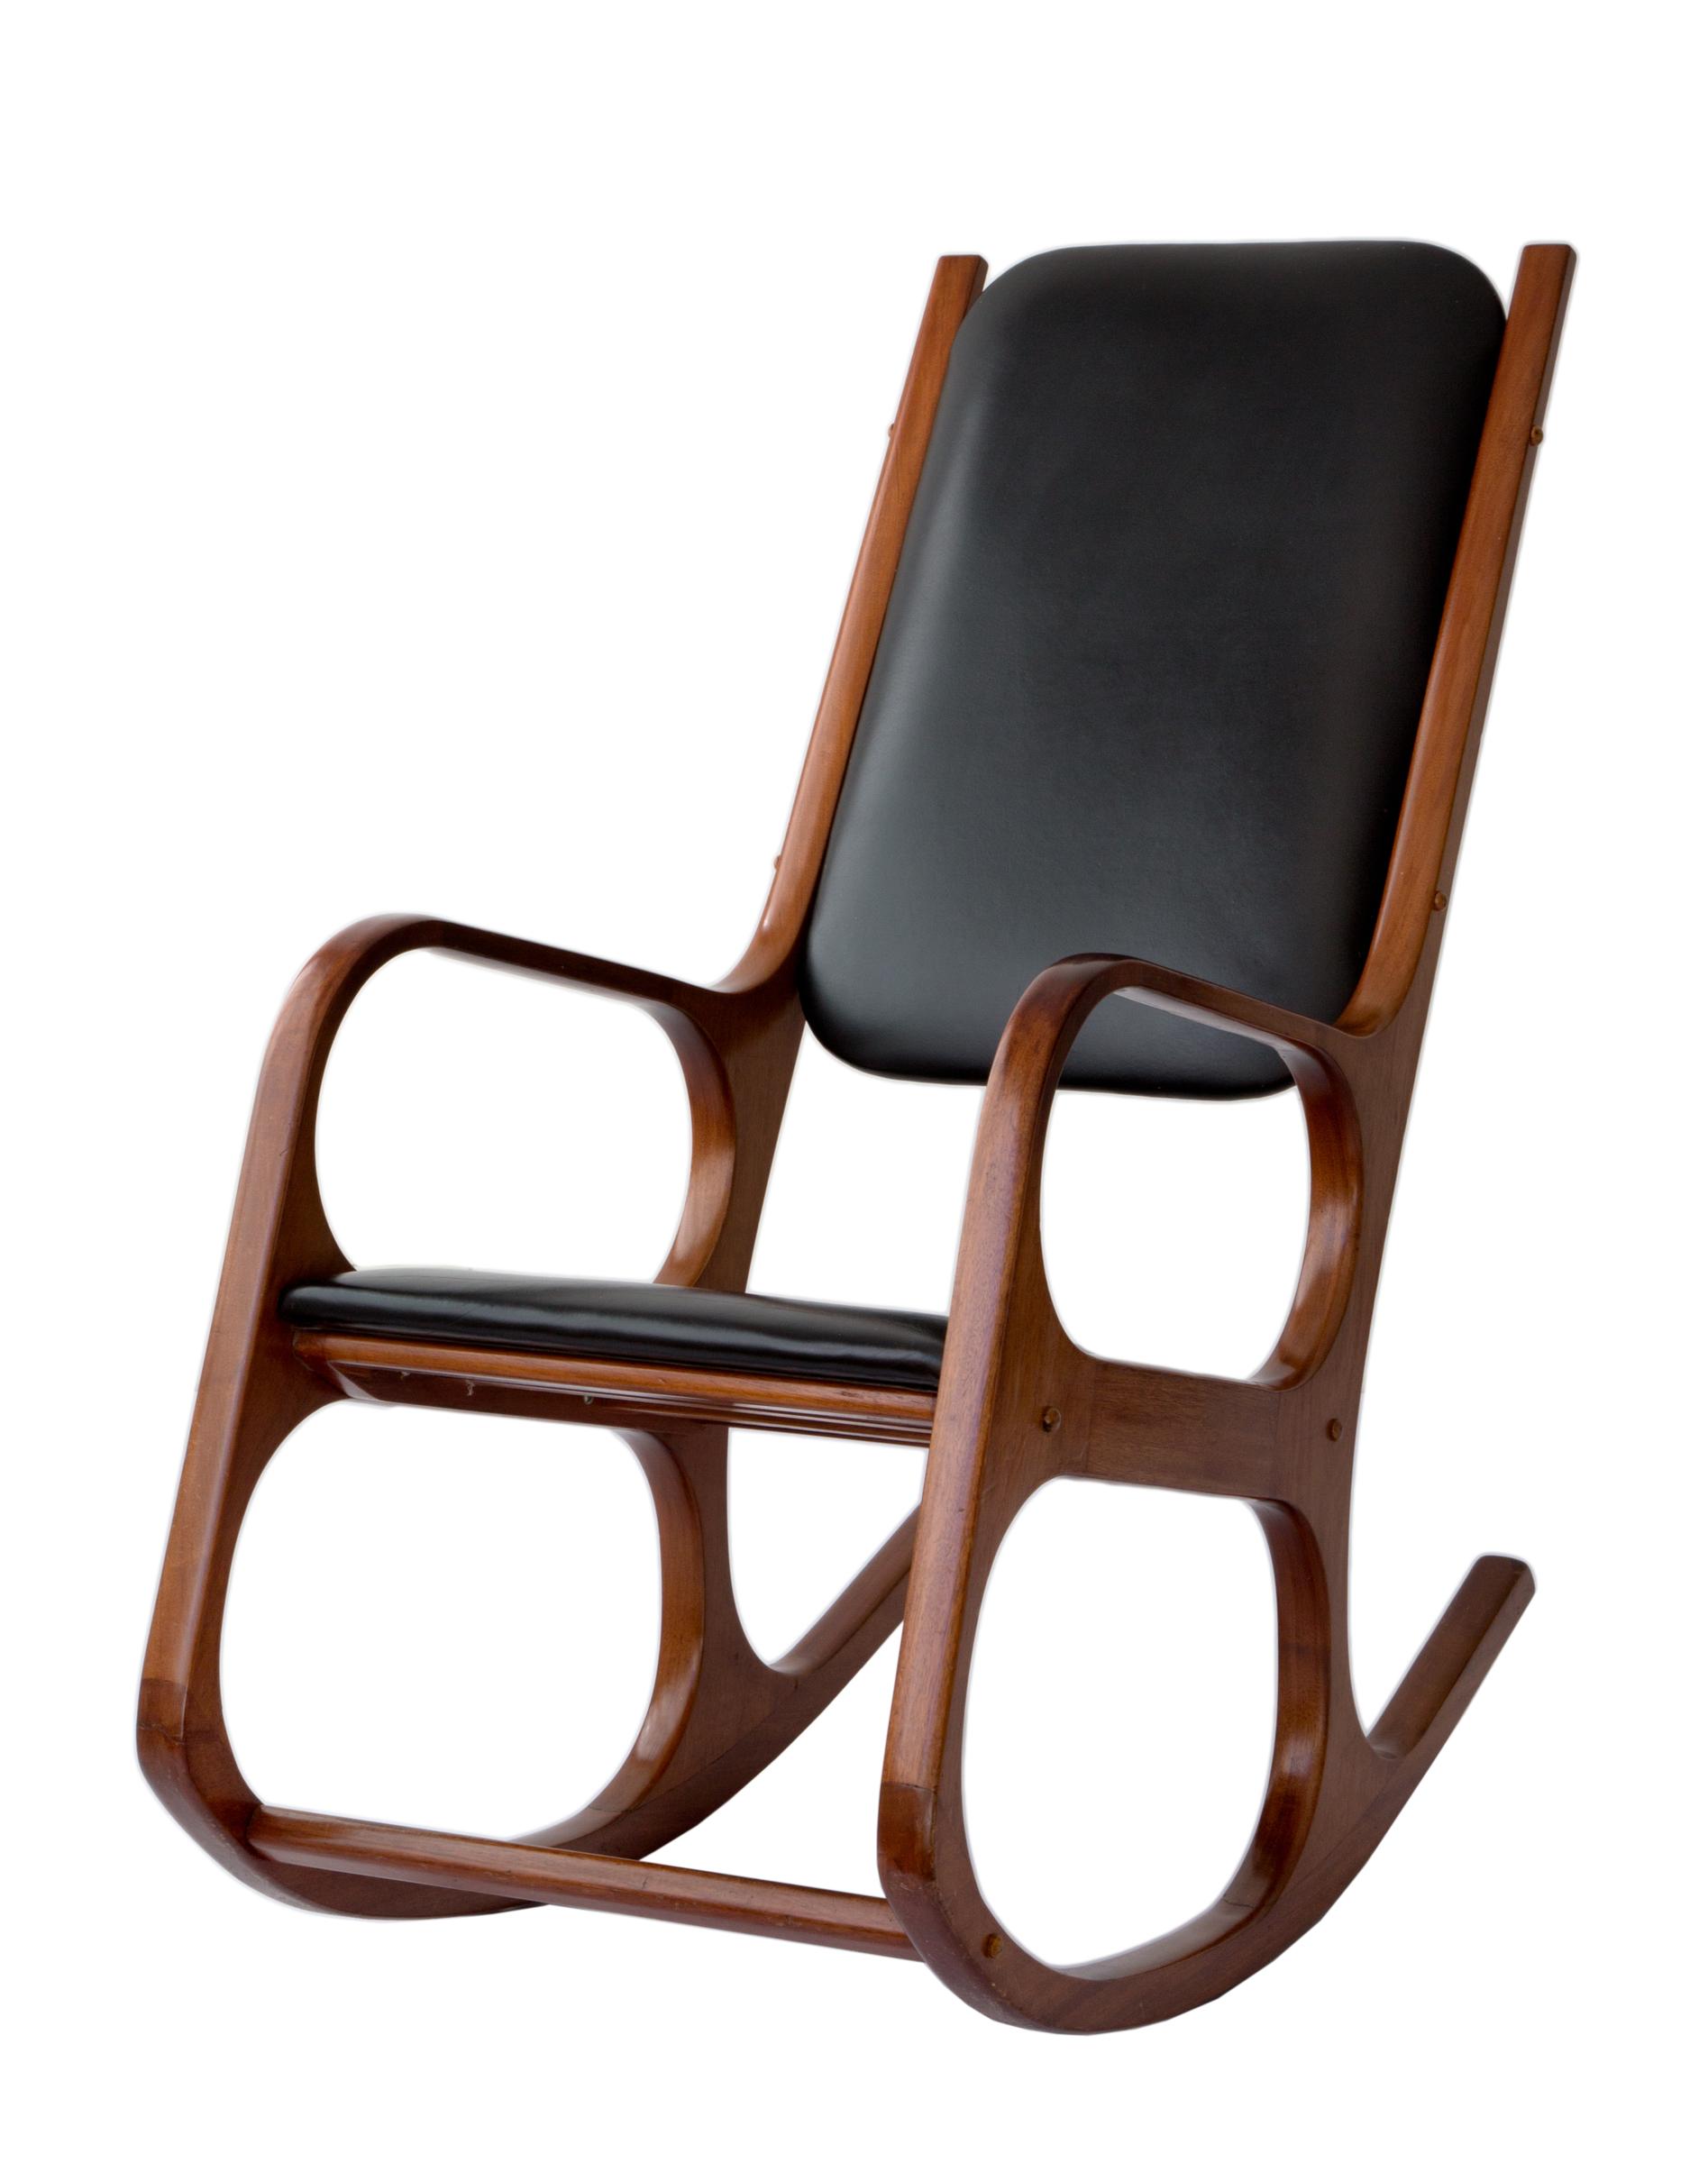 Retrospectiva de Aída Boal em seus 55 anos dedicados ao design de móveis